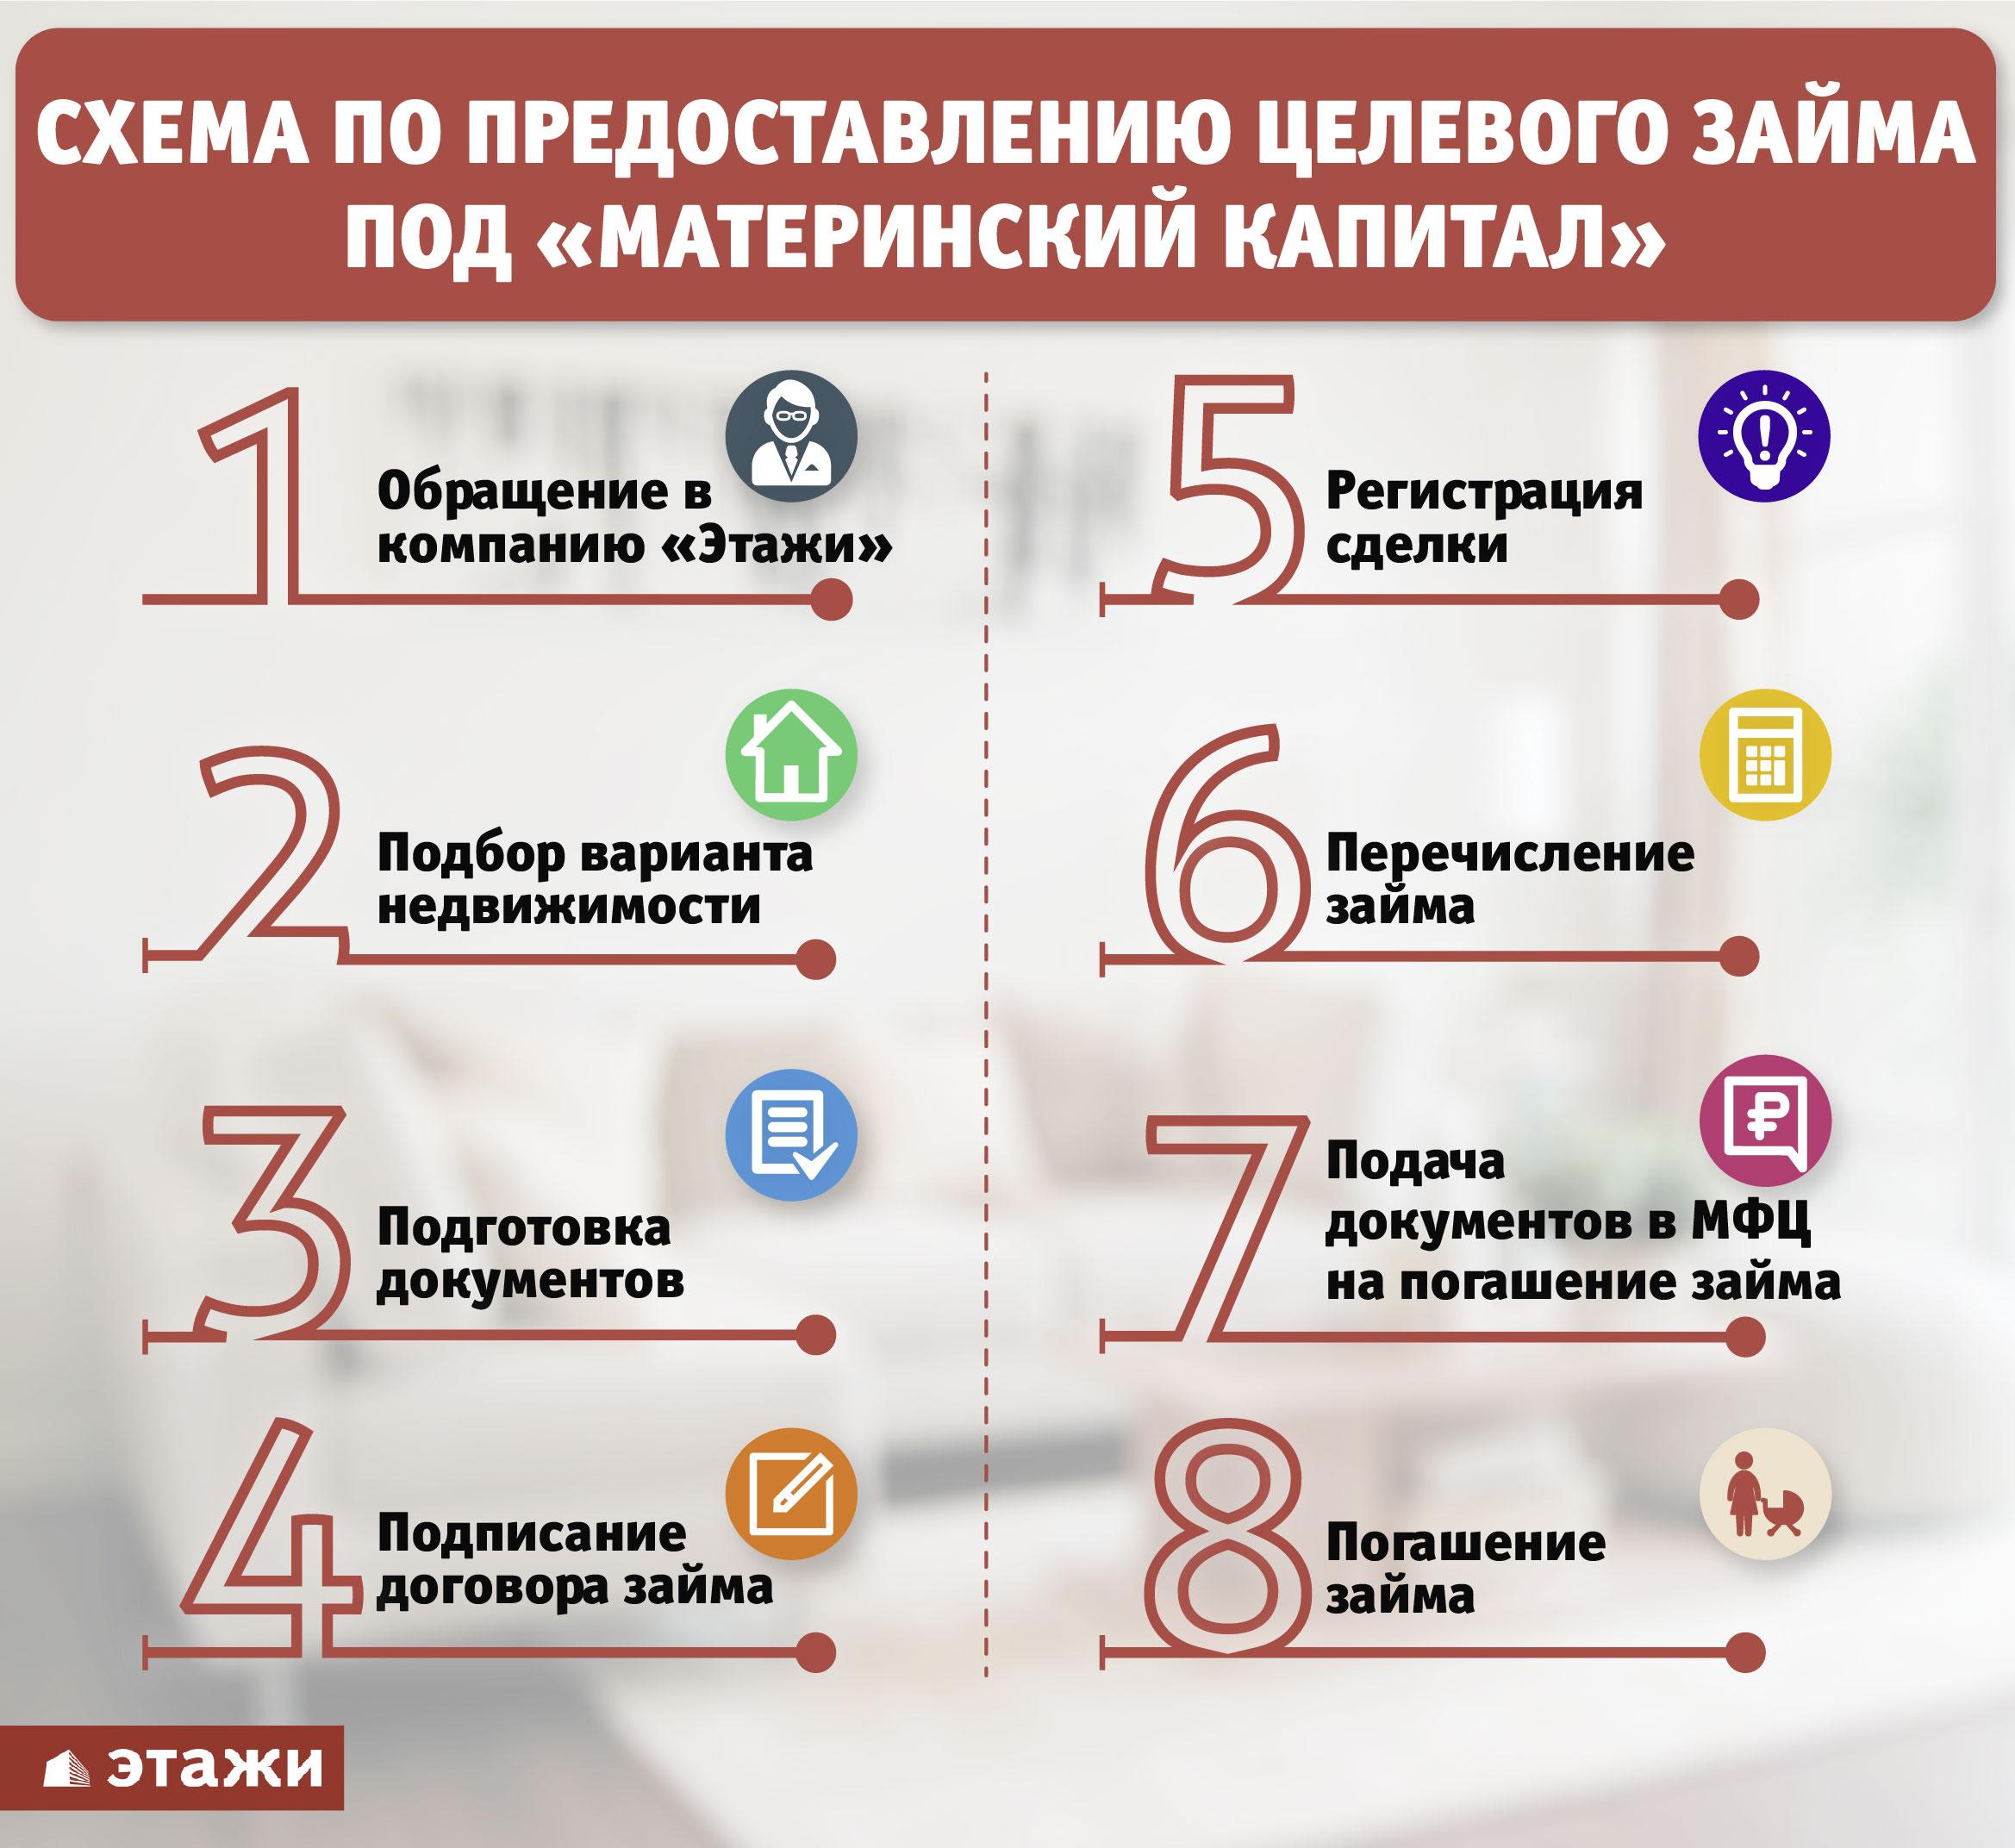 ЮГА_инфографика_материнский_капитал_2017-02.jpg